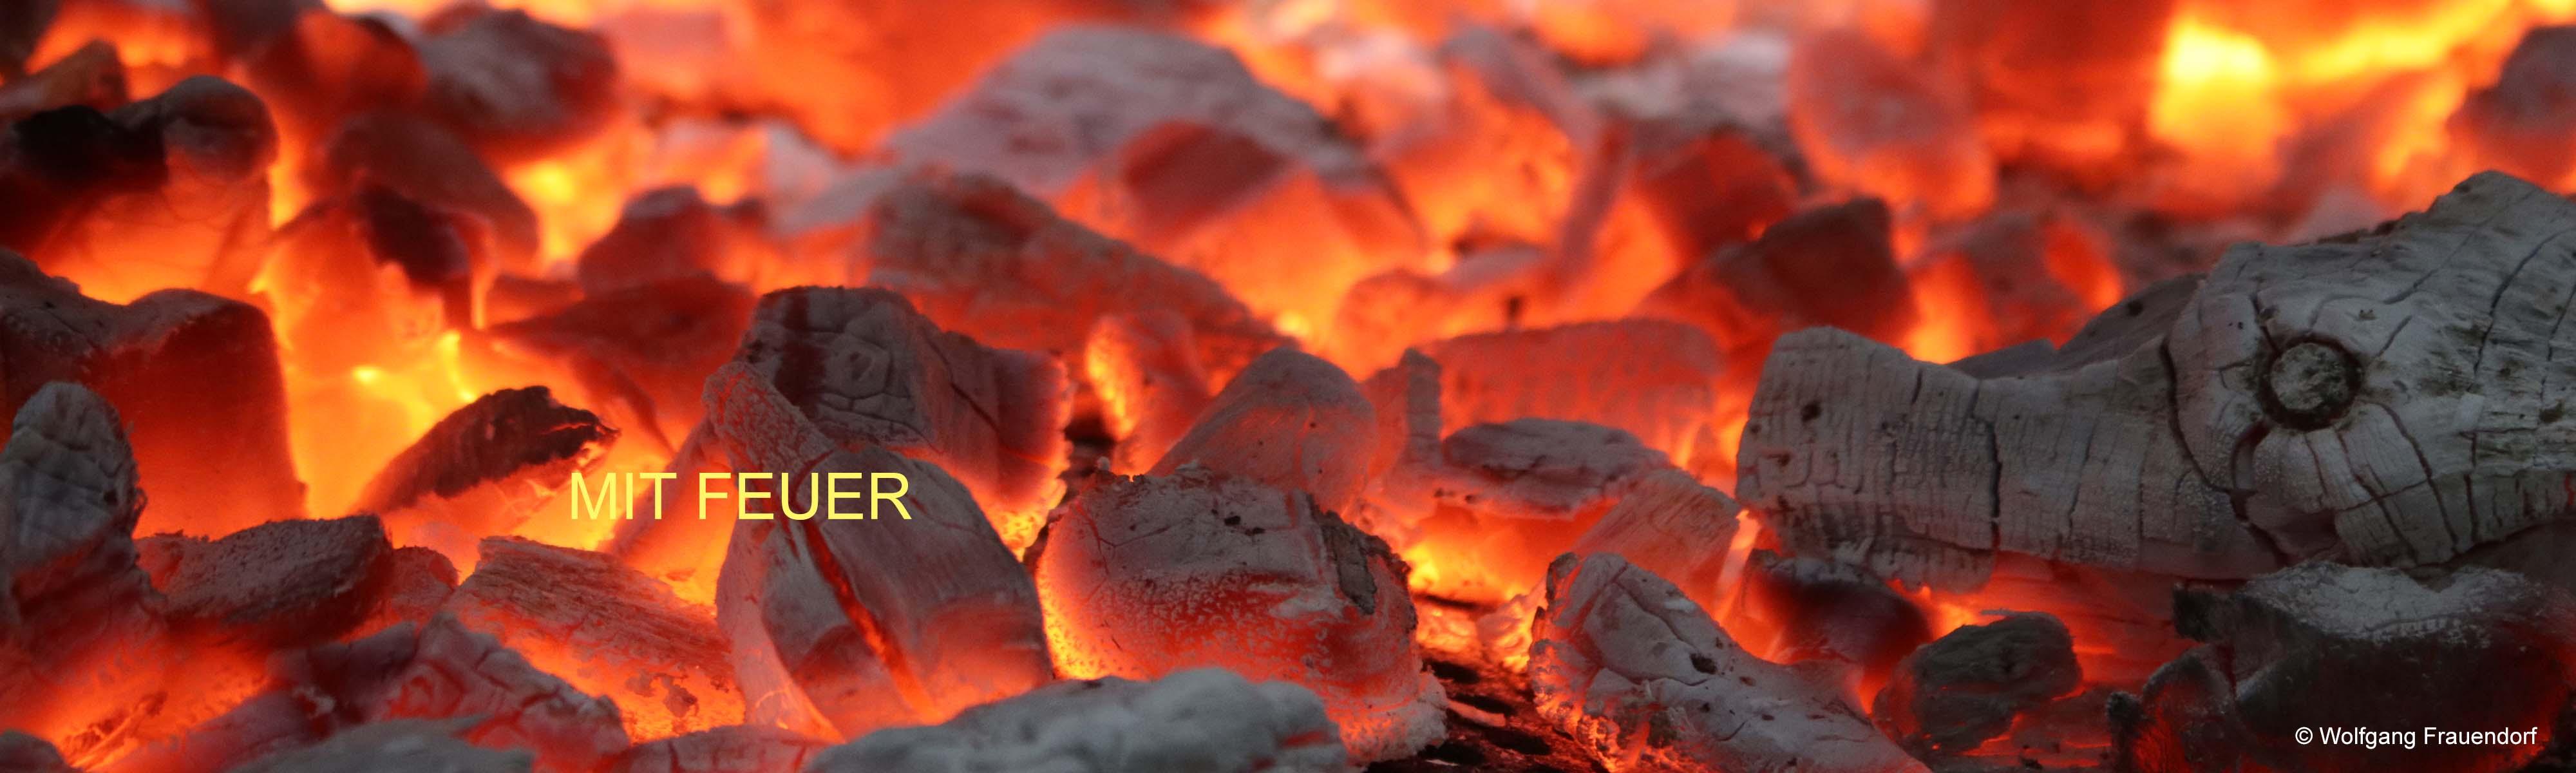 Kohlen mit Glut Symbolisiert mit Feuer - Werbung Marketing